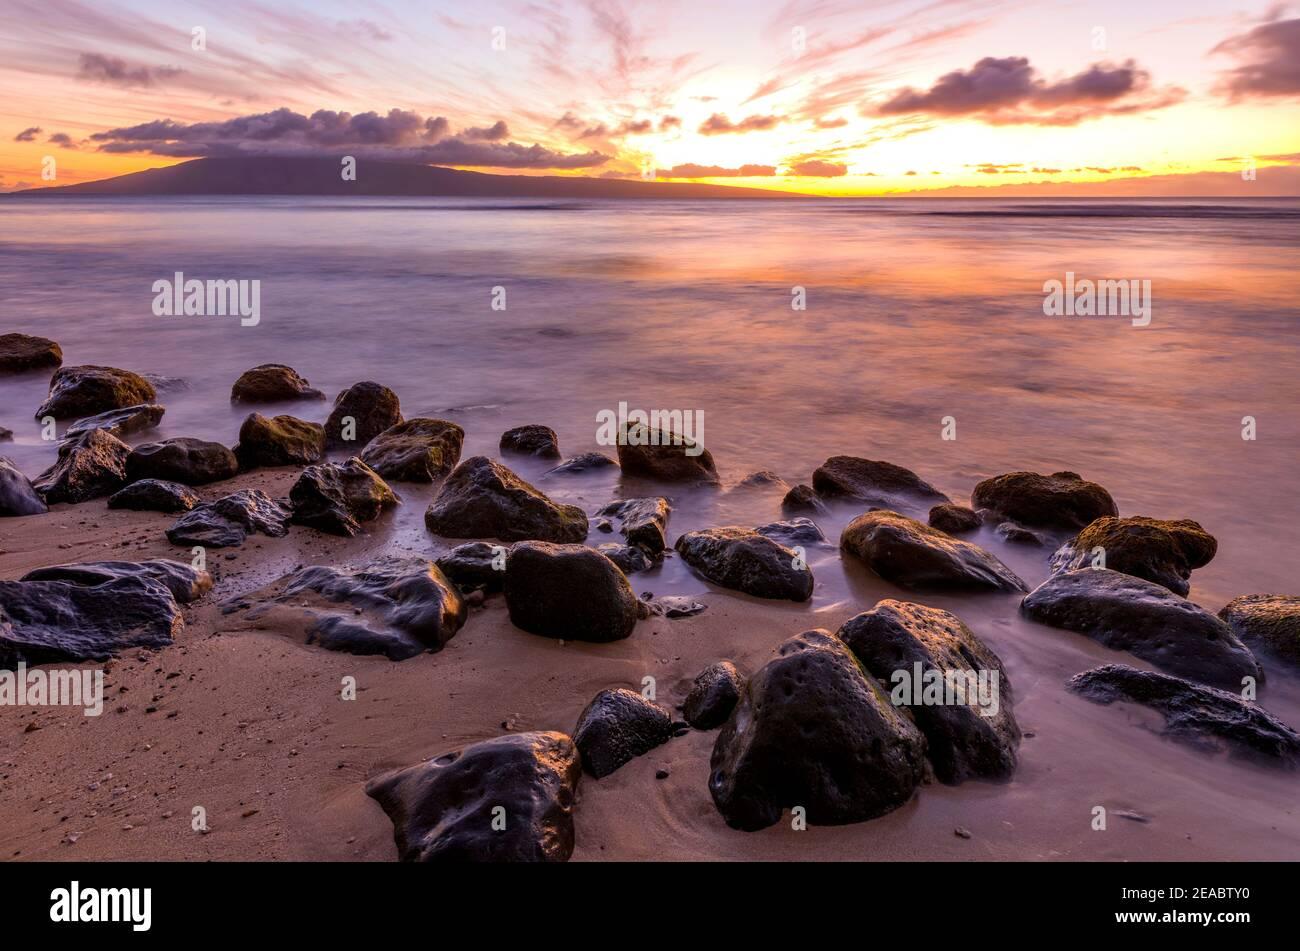 Sunset Island - una vista a lunga esposizione di un colorato tramonto su una spiaggia rocciosa della costa nord-occidentale dell'isola di Maui, Hawaii, USA. Foto Stock